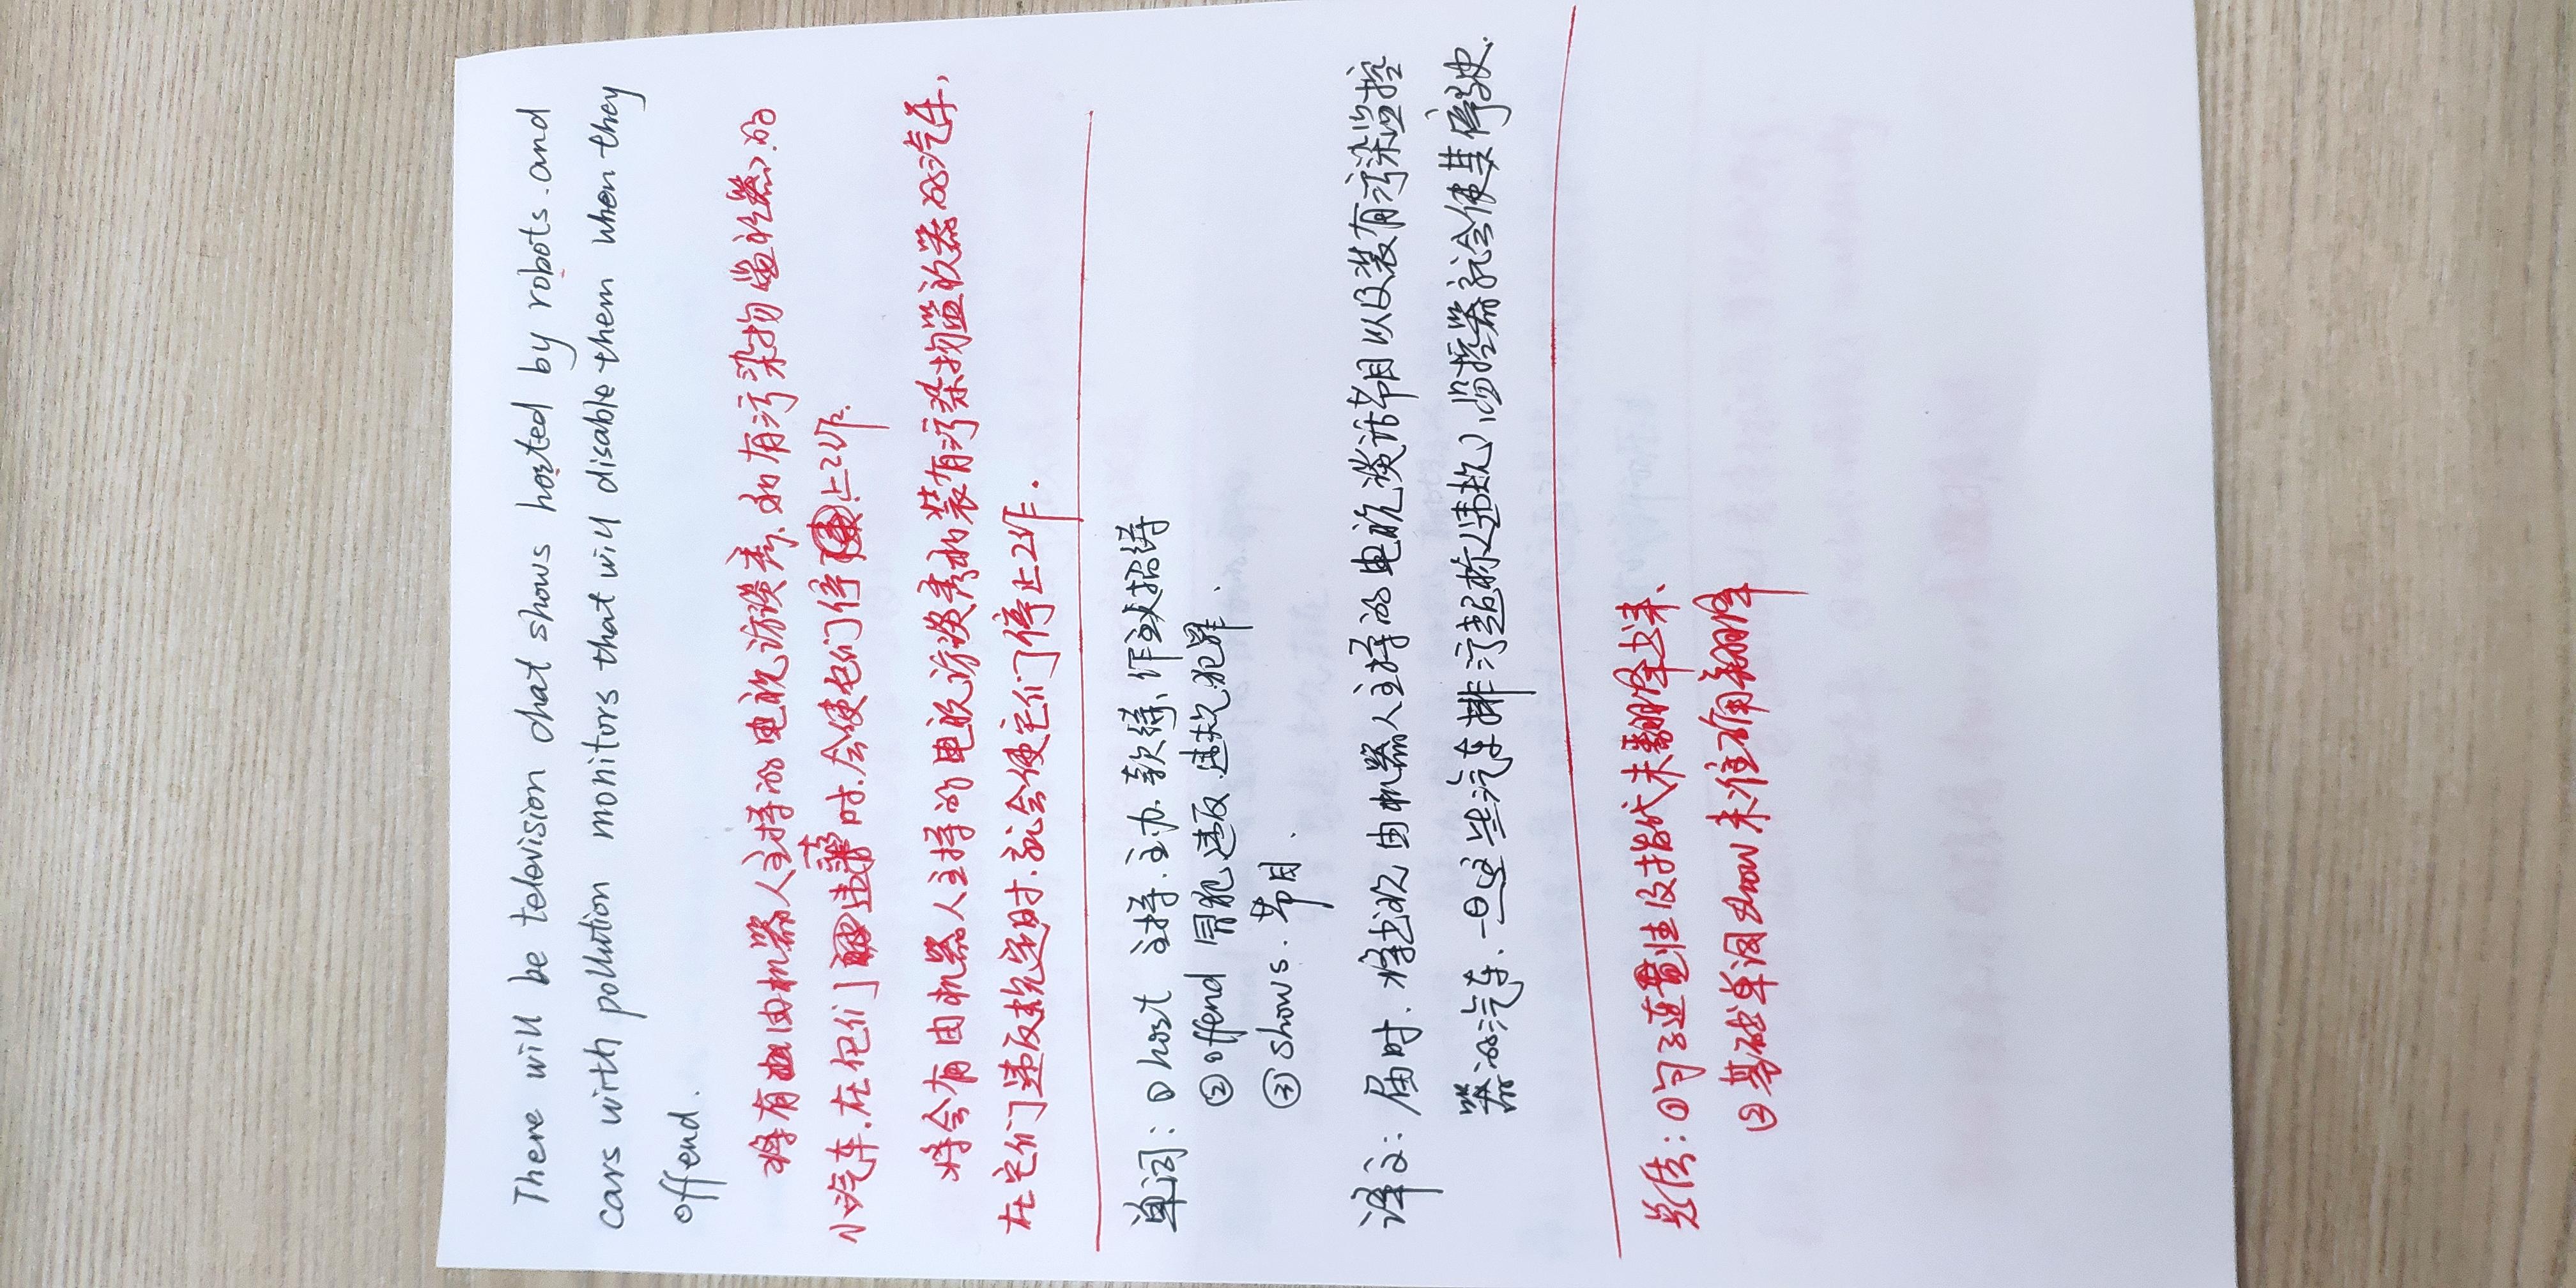 http://wenyan.me/uploads/article/20201021/3a24679a481a4de105debc2458247252.jpg